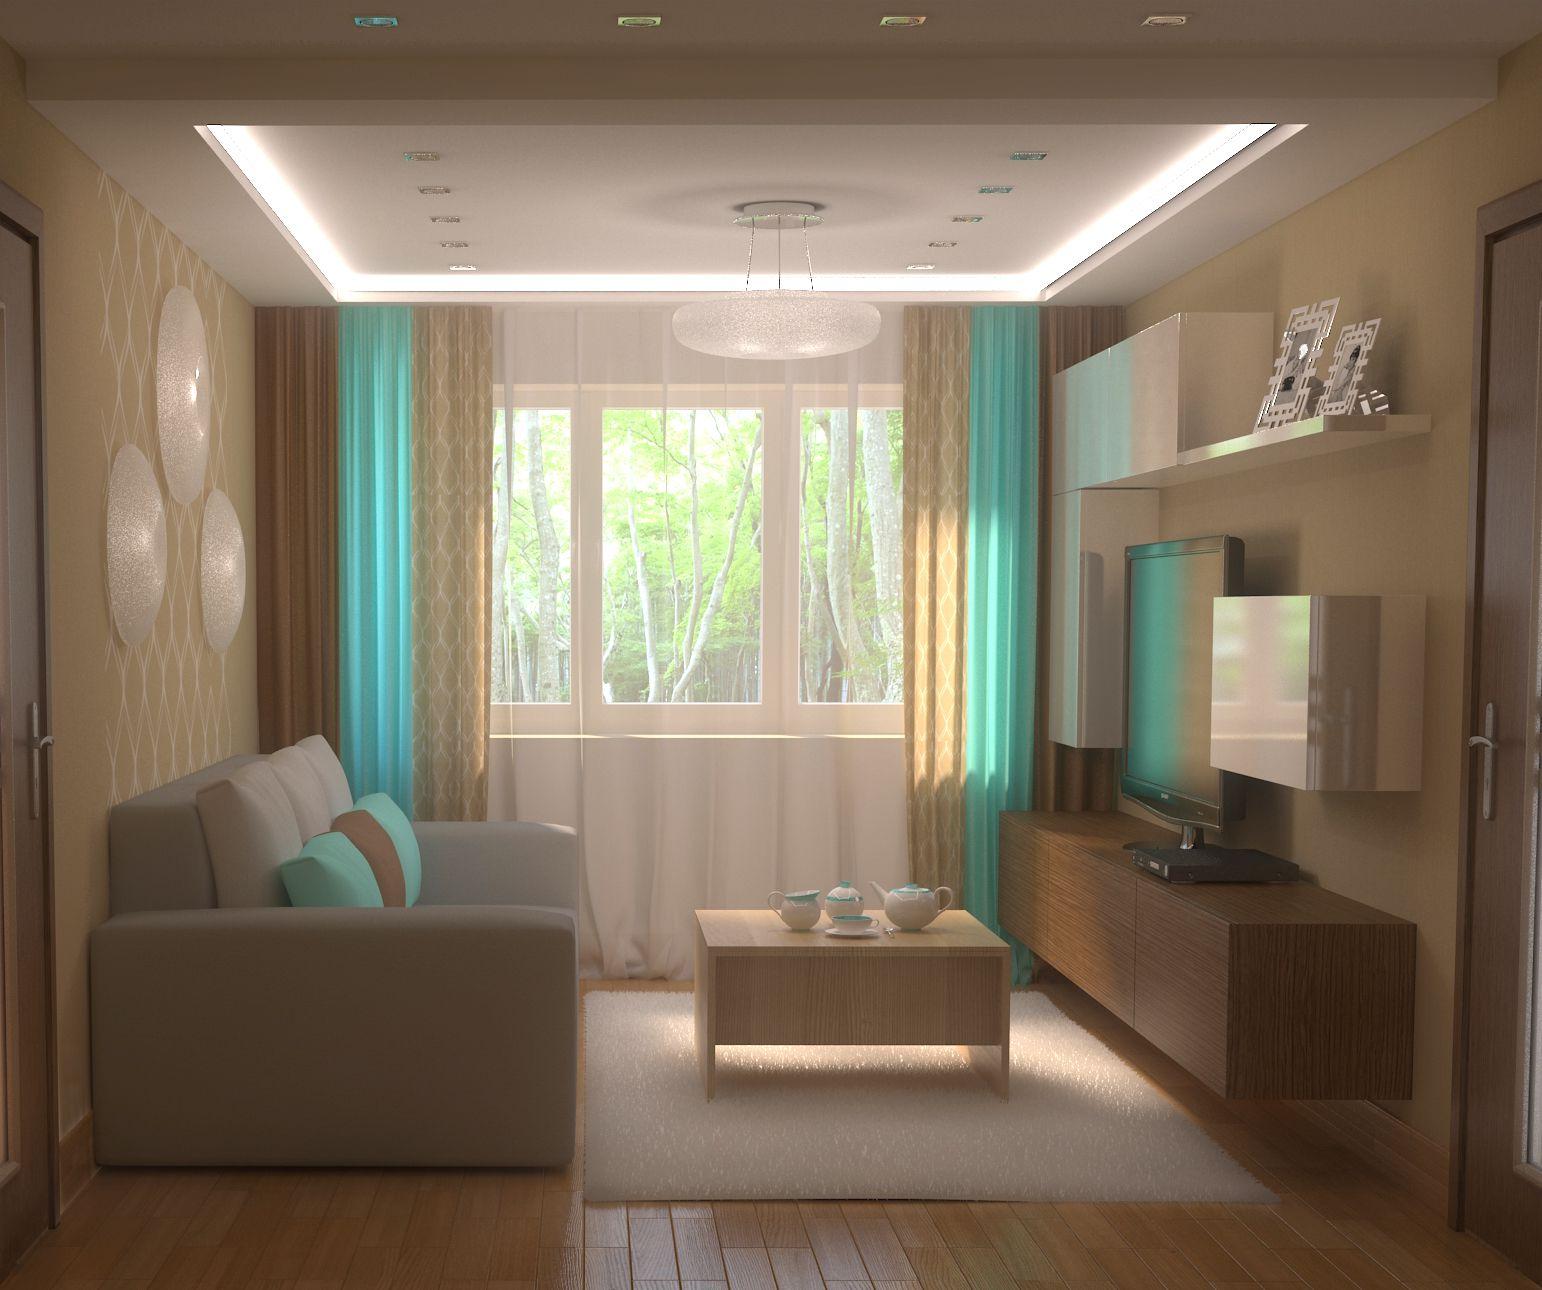 Фотографии дизайна домов квартир яблонь